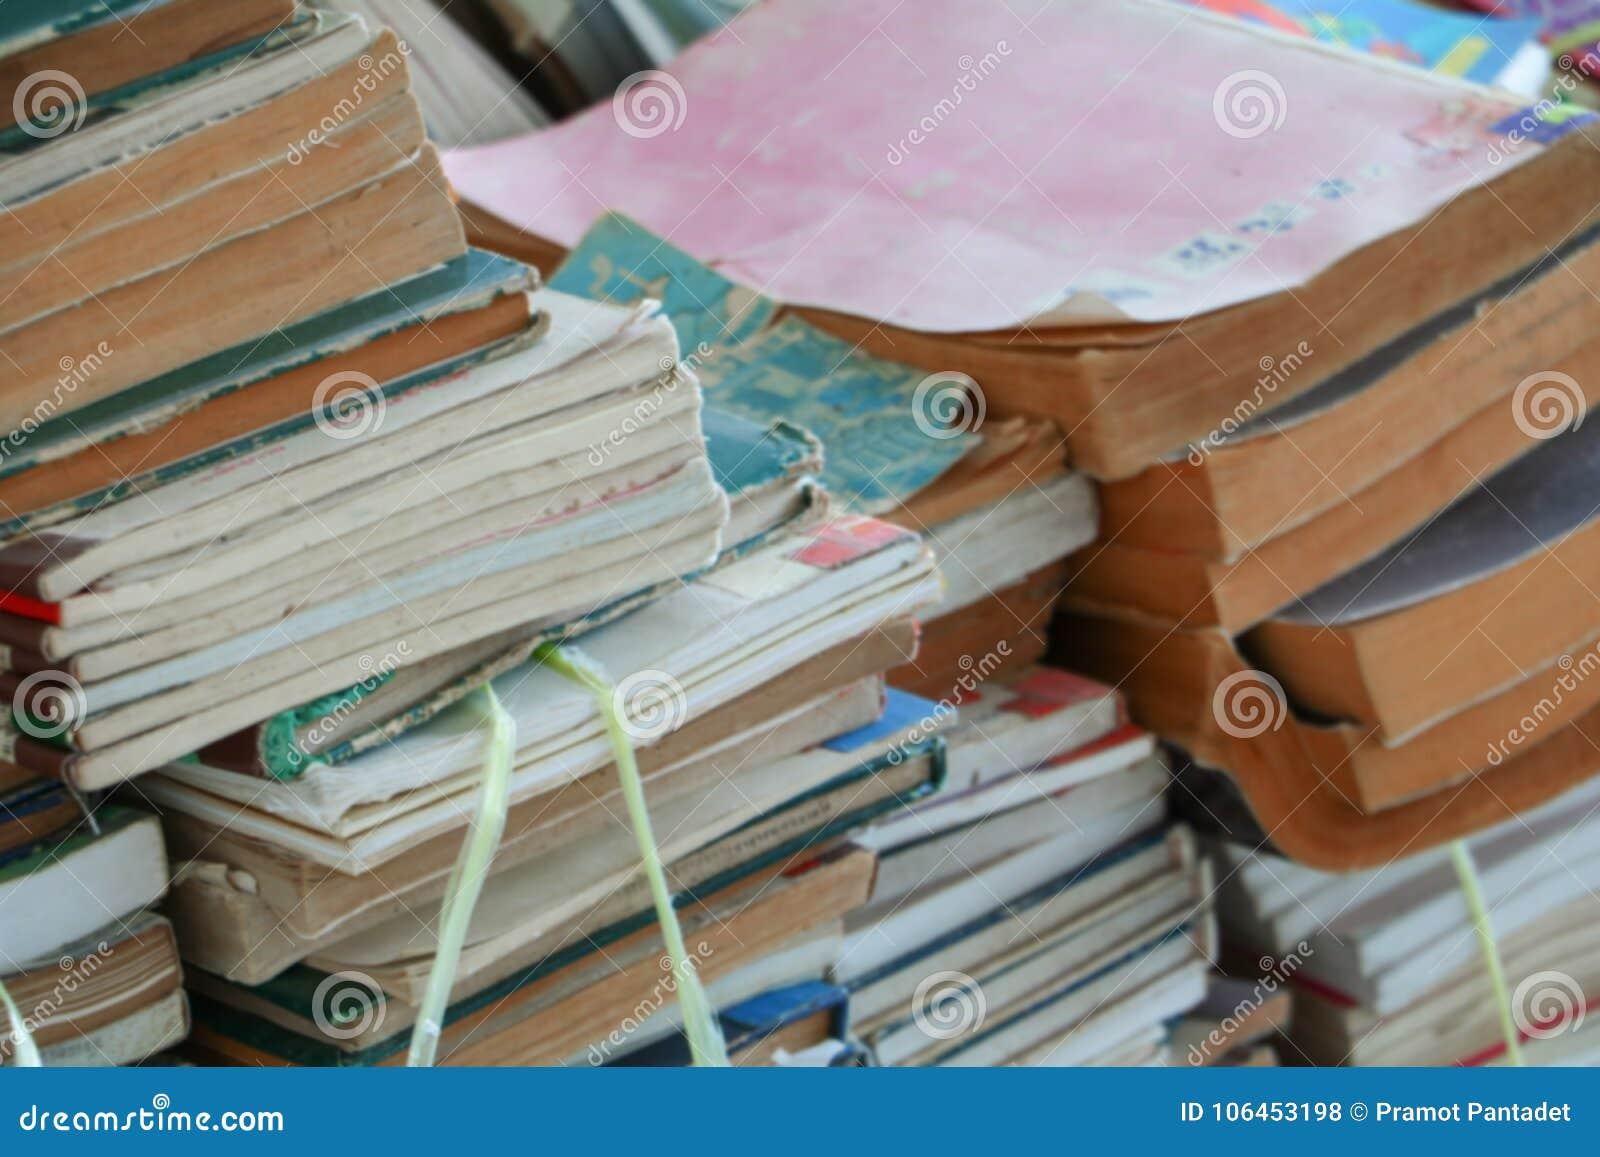 Unscharfer Fokus mit Stapel benutzten alten Büchern in der Schulbibliothek